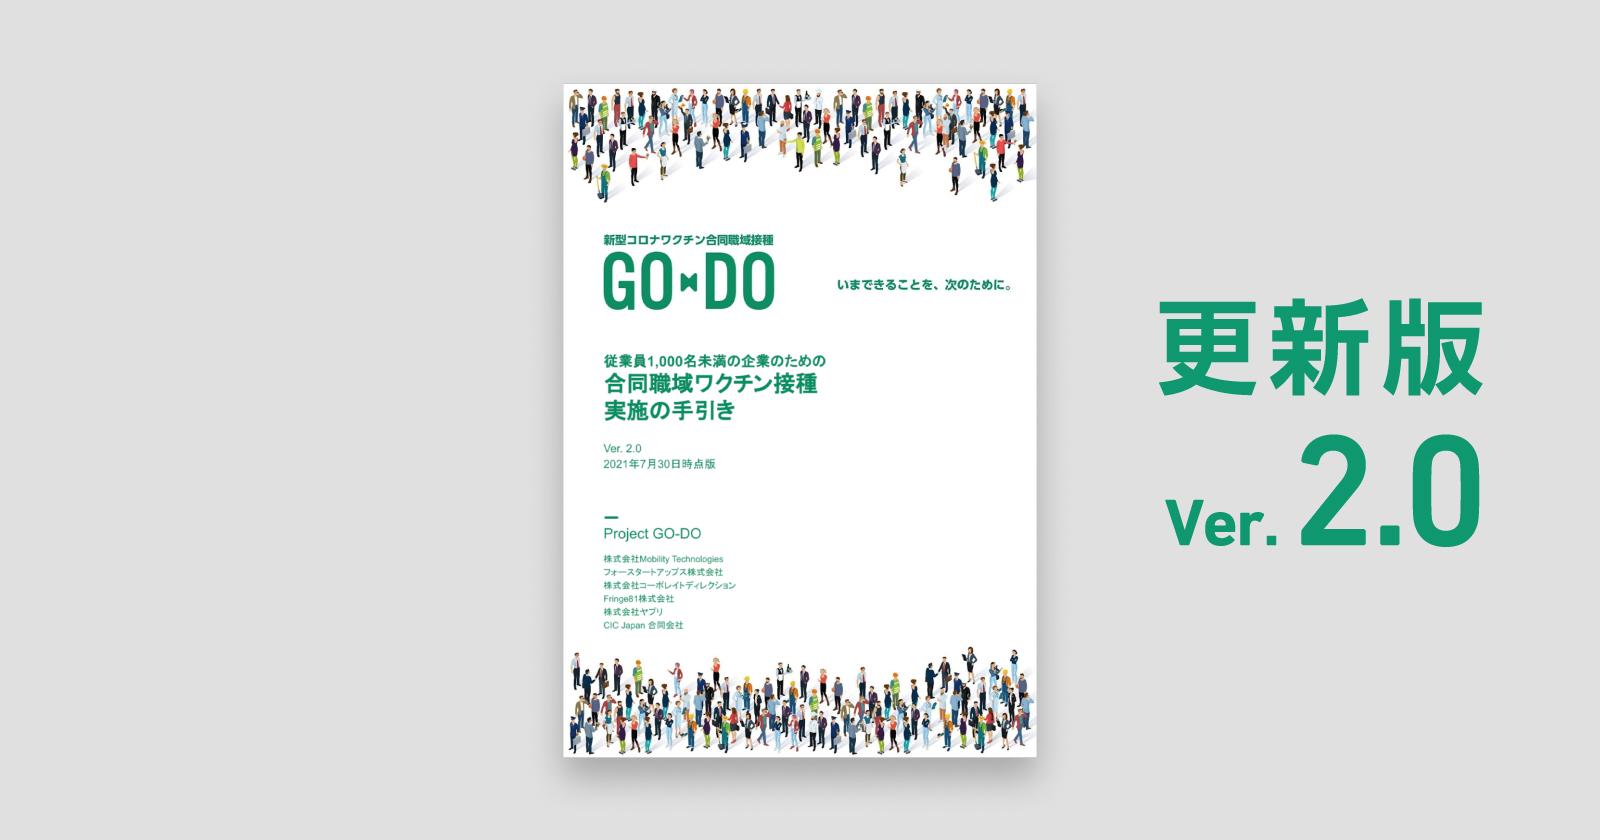 『合同職域ワクチン接種 実施の手引き』(Ver. 2.0)を公開